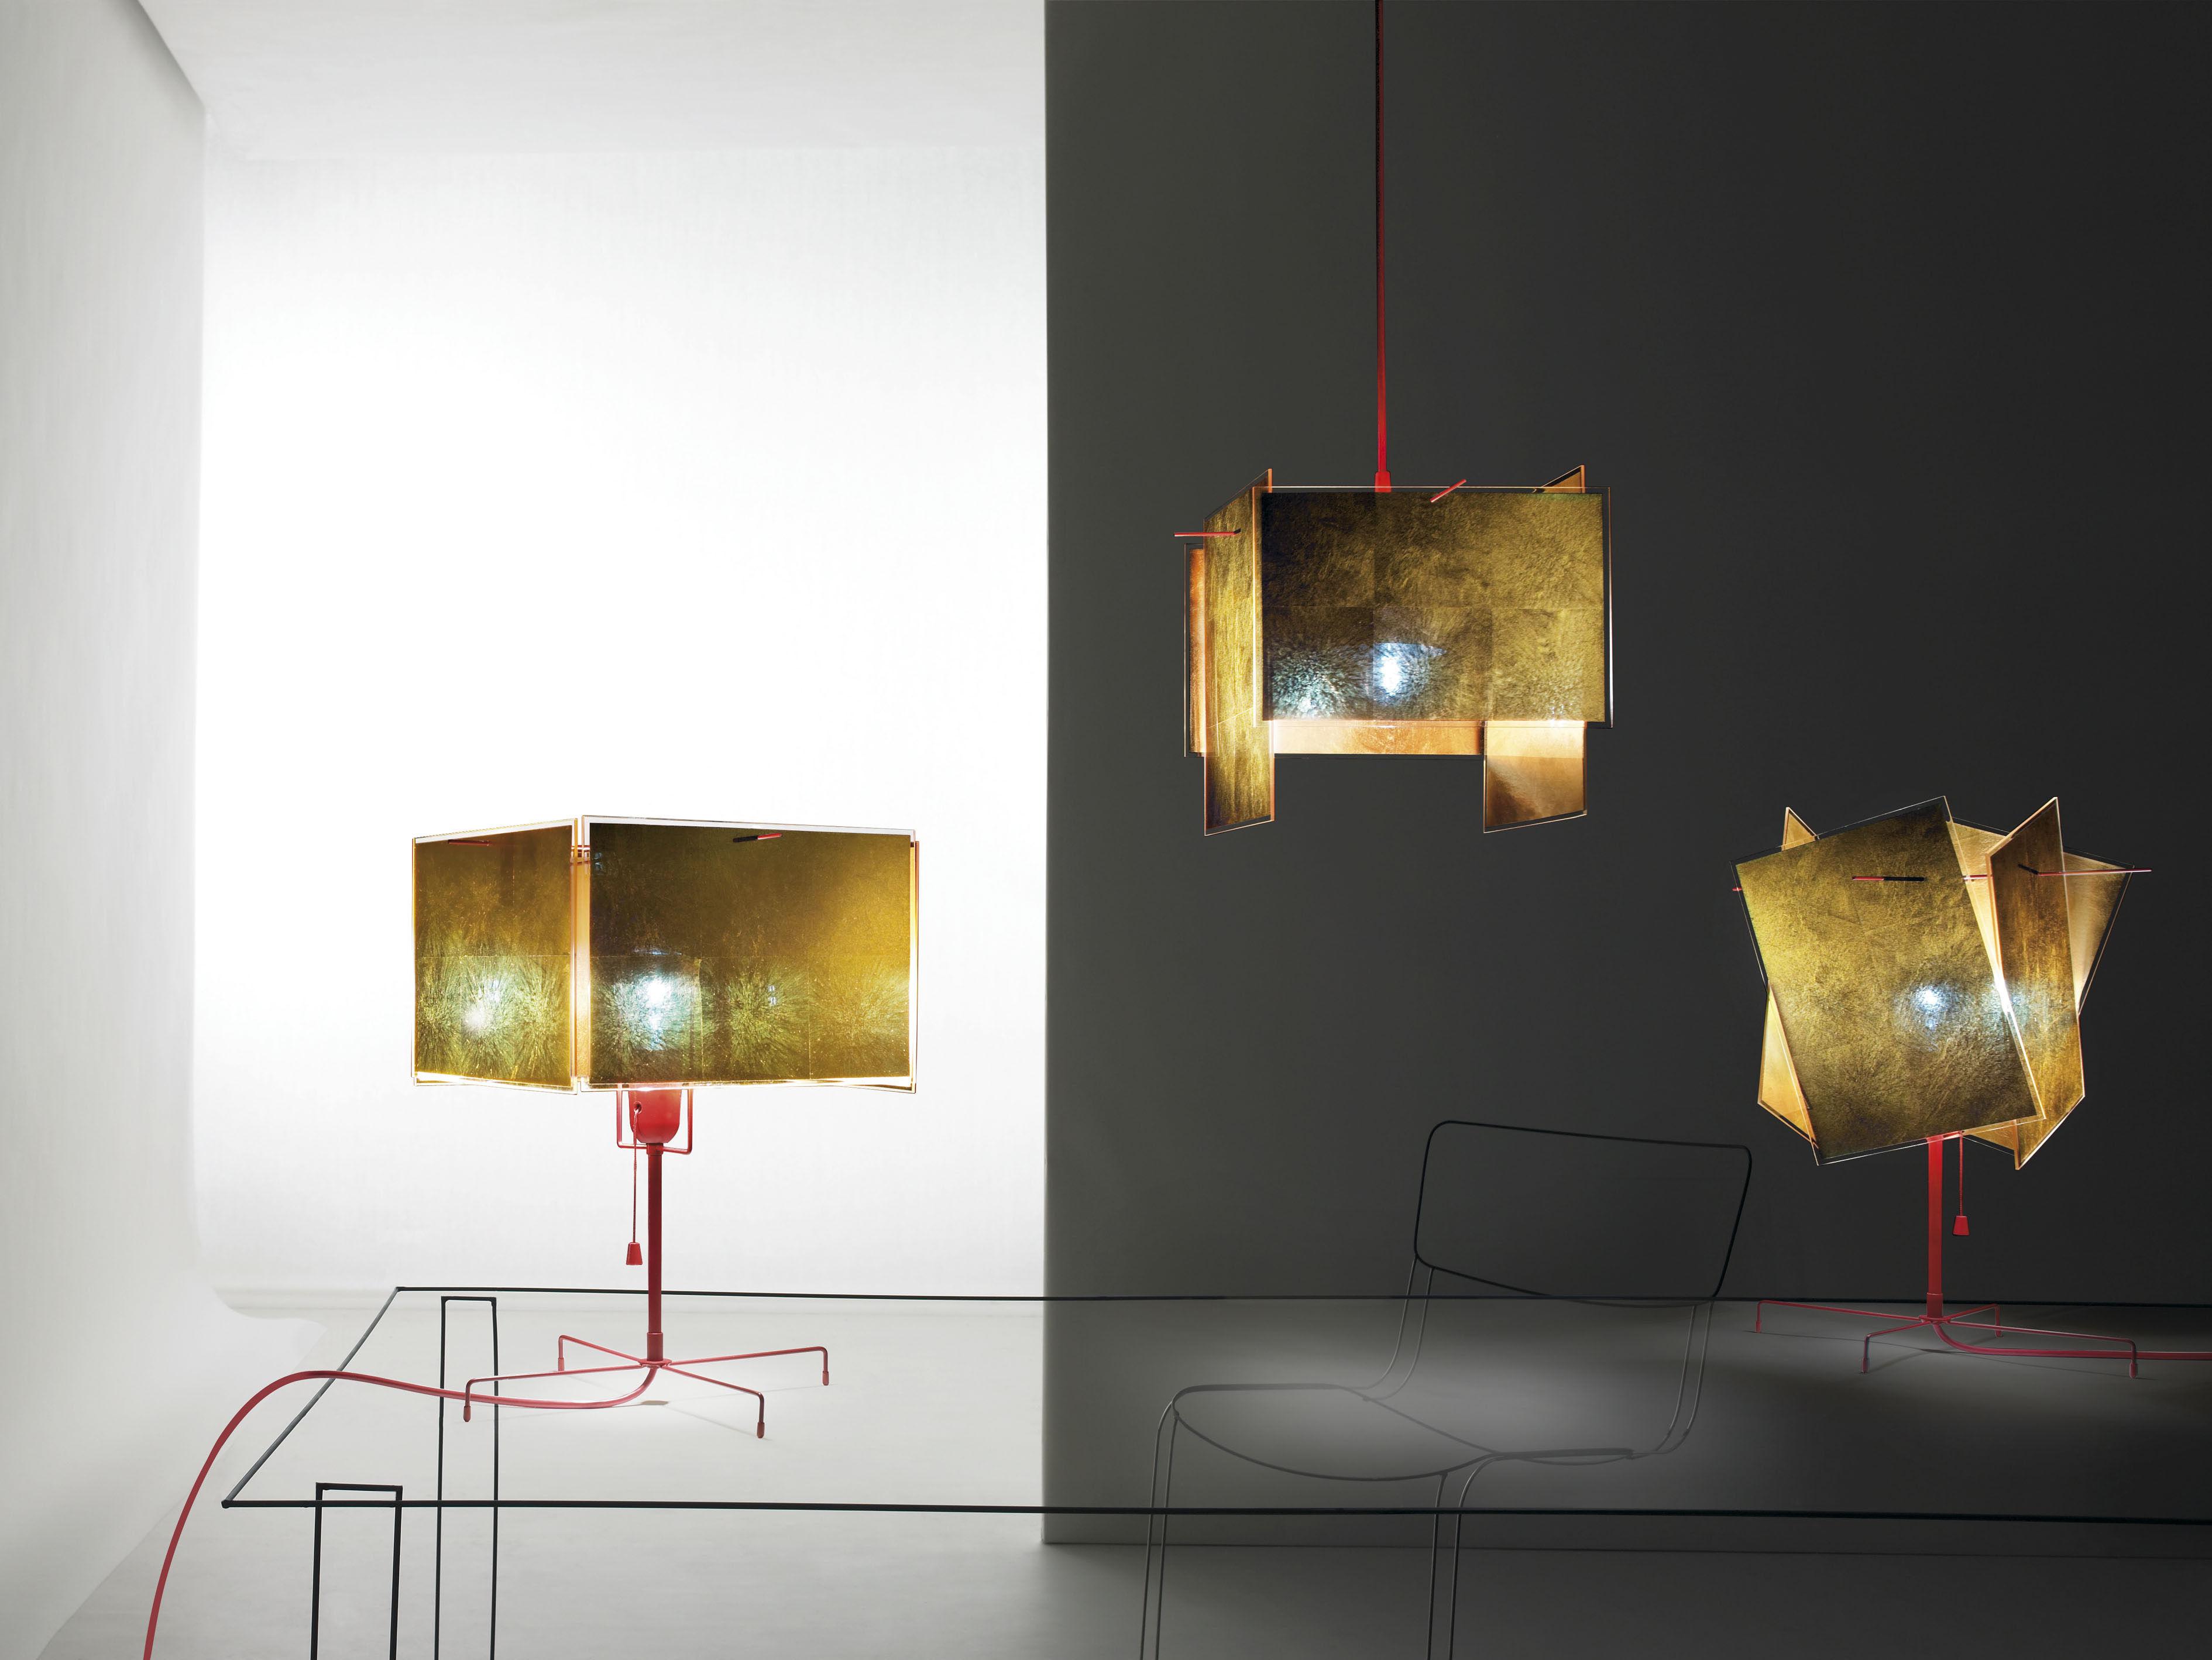 24 karat blau t table lamp gold red by ingo maurer. Black Bedroom Furniture Sets. Home Design Ideas